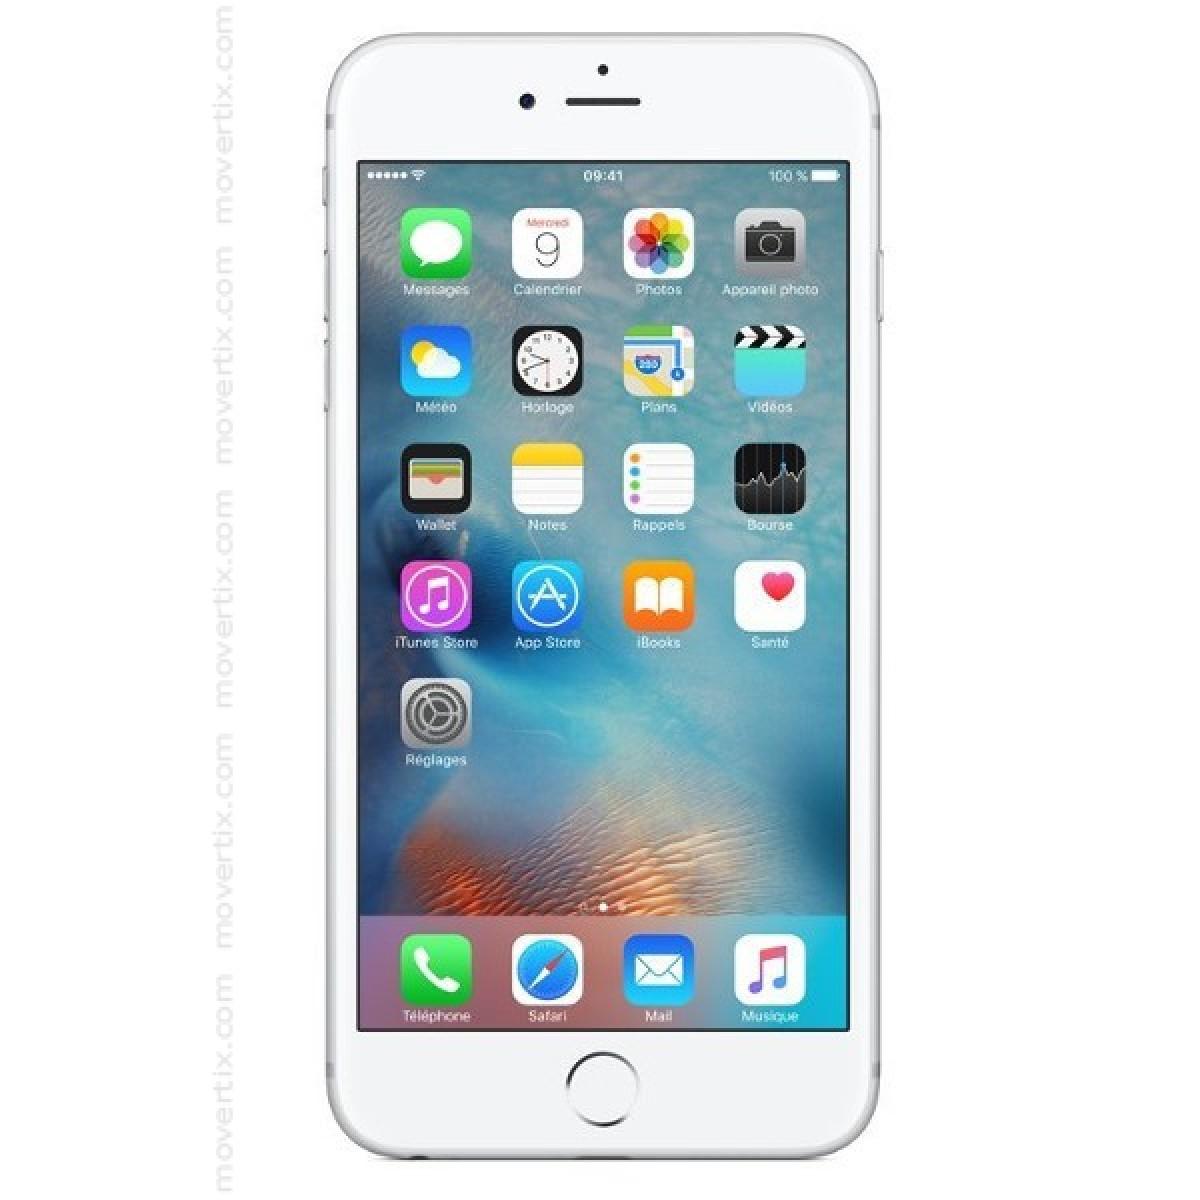 Spia iphone 6 Plus